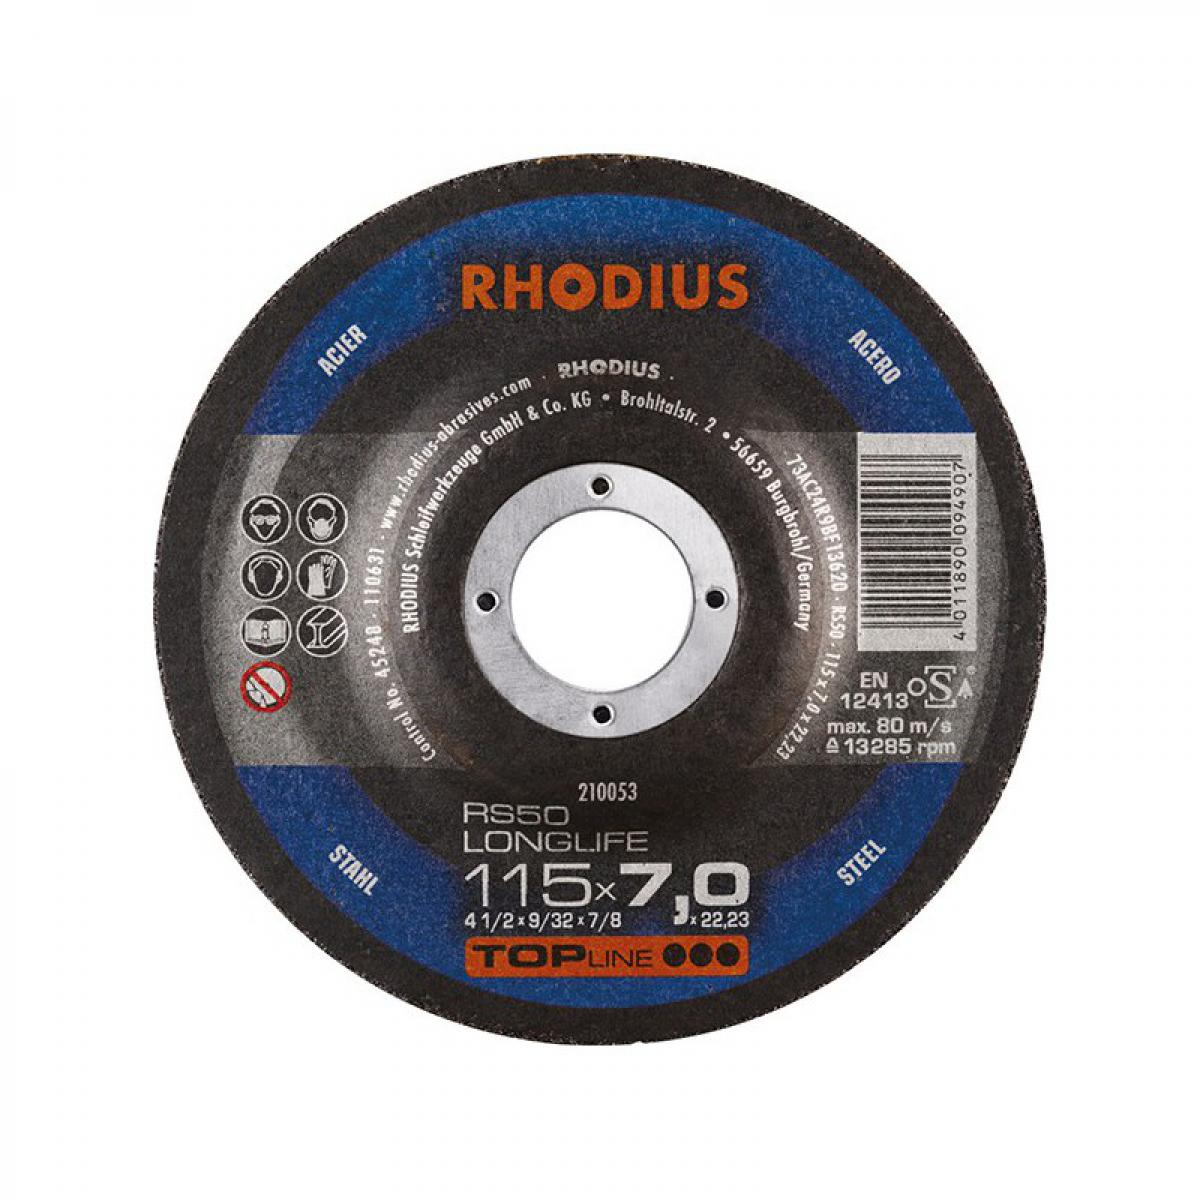 Rhodius Disque de coupe RS50 115 x 7,0mm Acier Rhodius(Par 25)